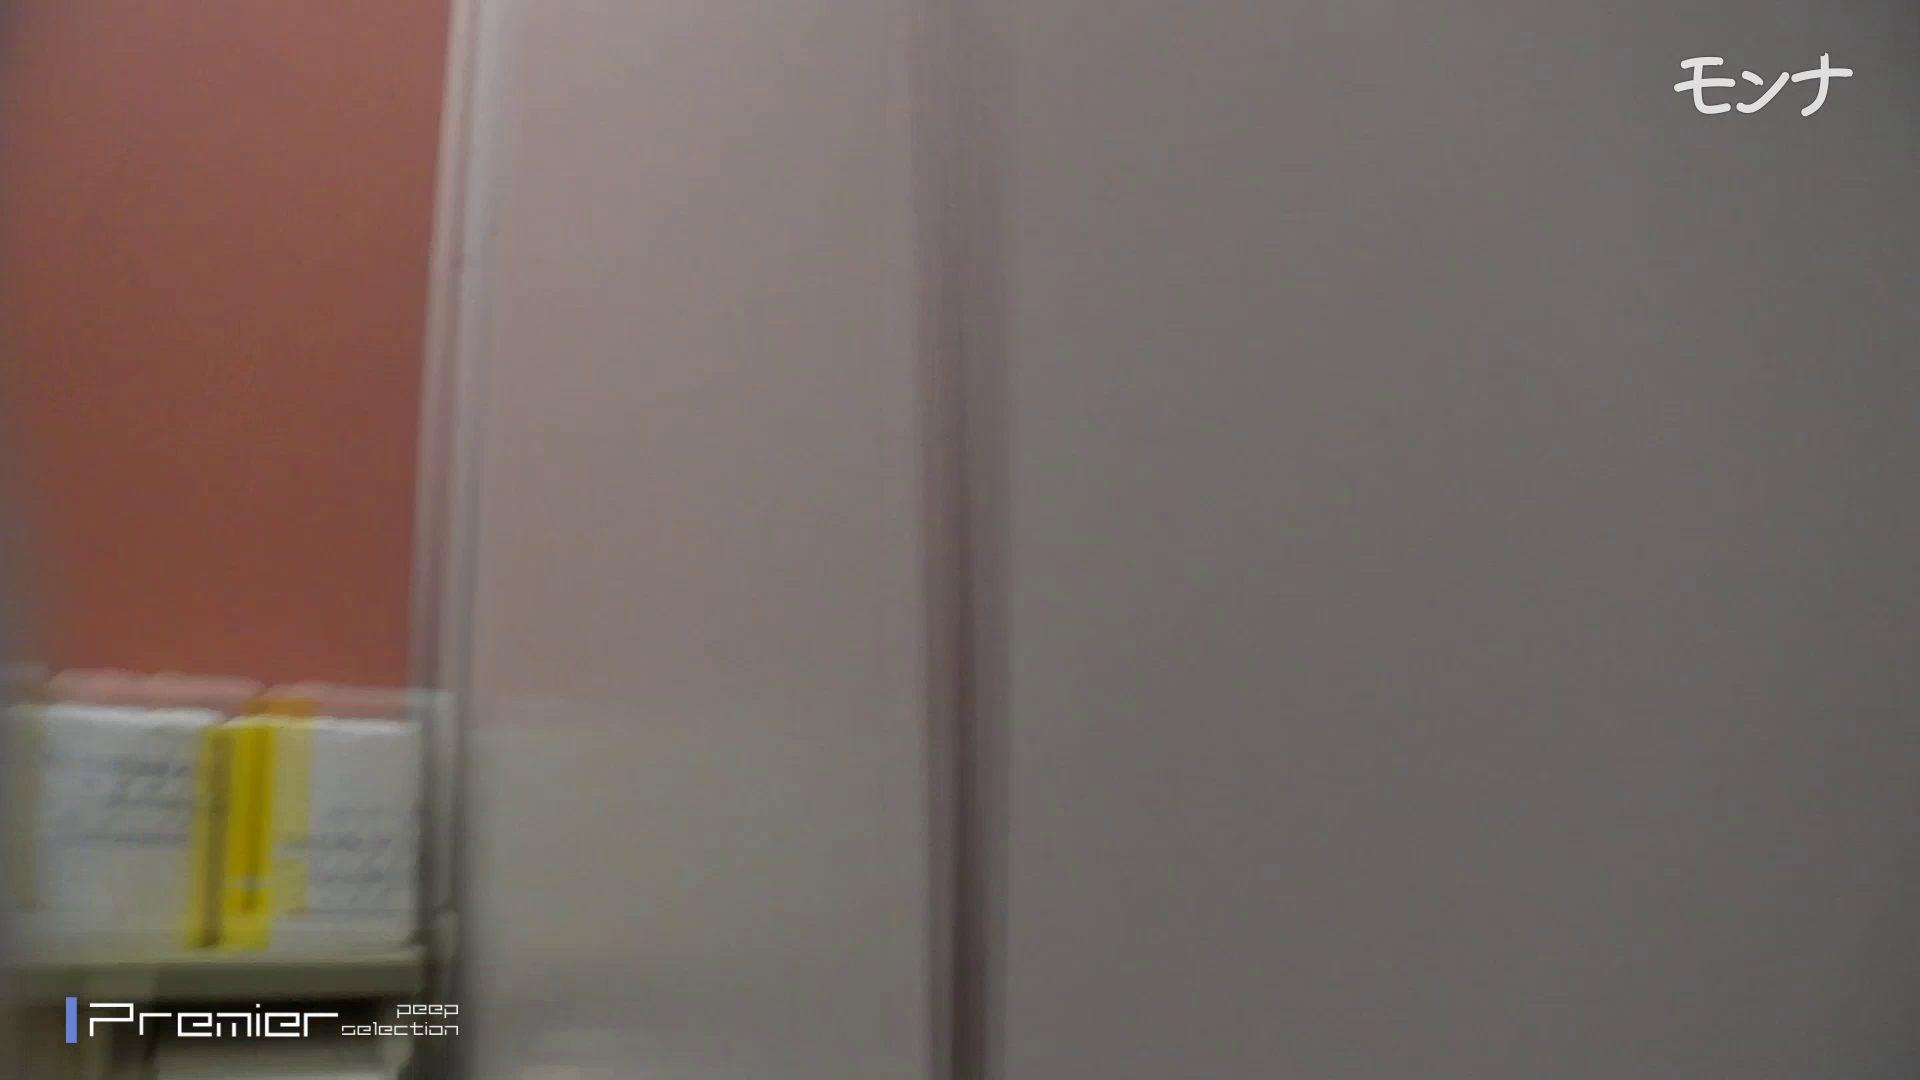 美しい日本の未来 No.55 普通の子たちの日常調長身あり オマンコ特集 おまんこ動画流出 104pic 53